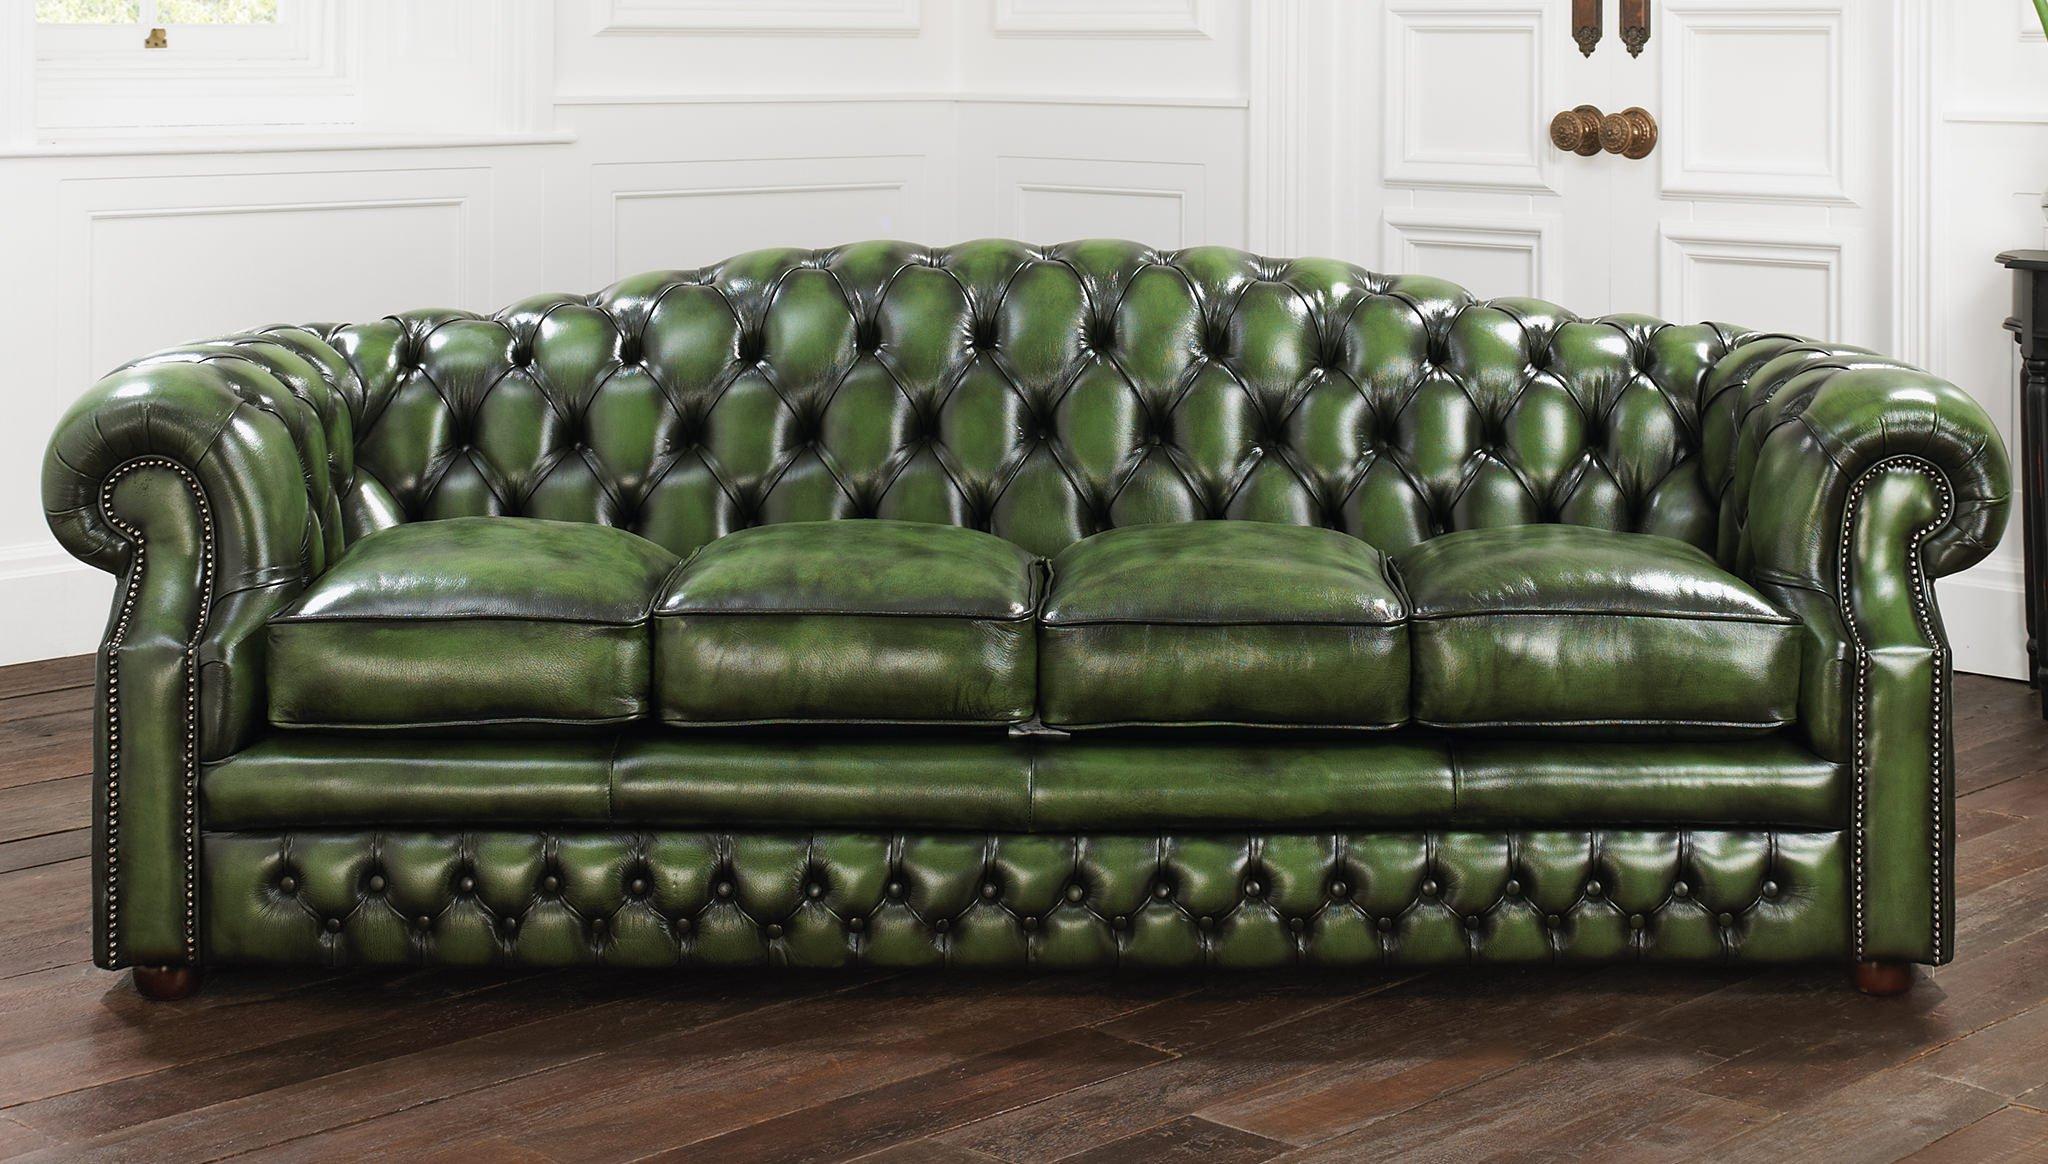 Зеленый диван с обивкой из кожи